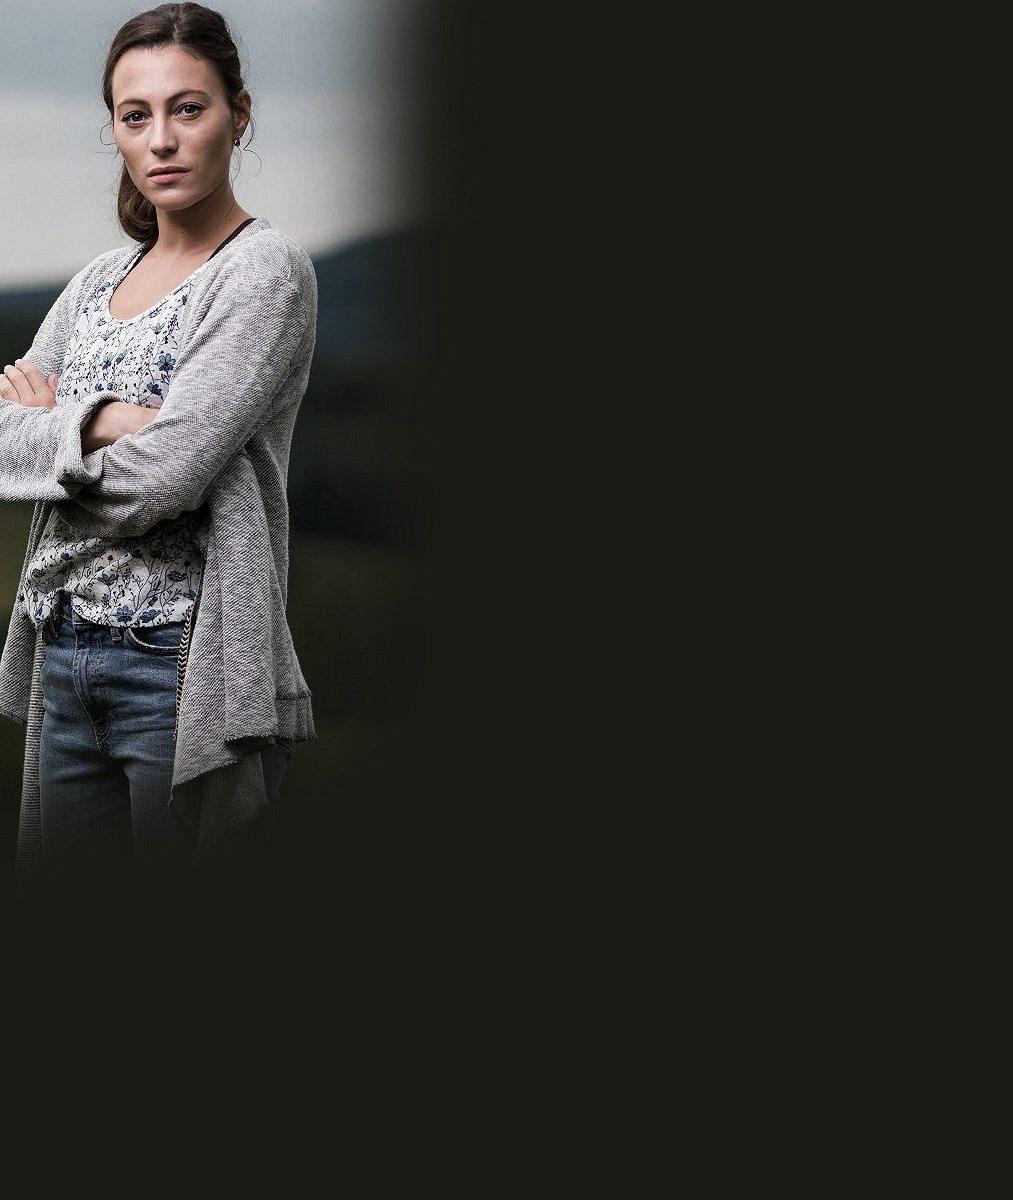 Diváci se mají na co těšit: Tahle půvabná herečka bude v drsném krimi seriálu láskou Kryštofa Hádka